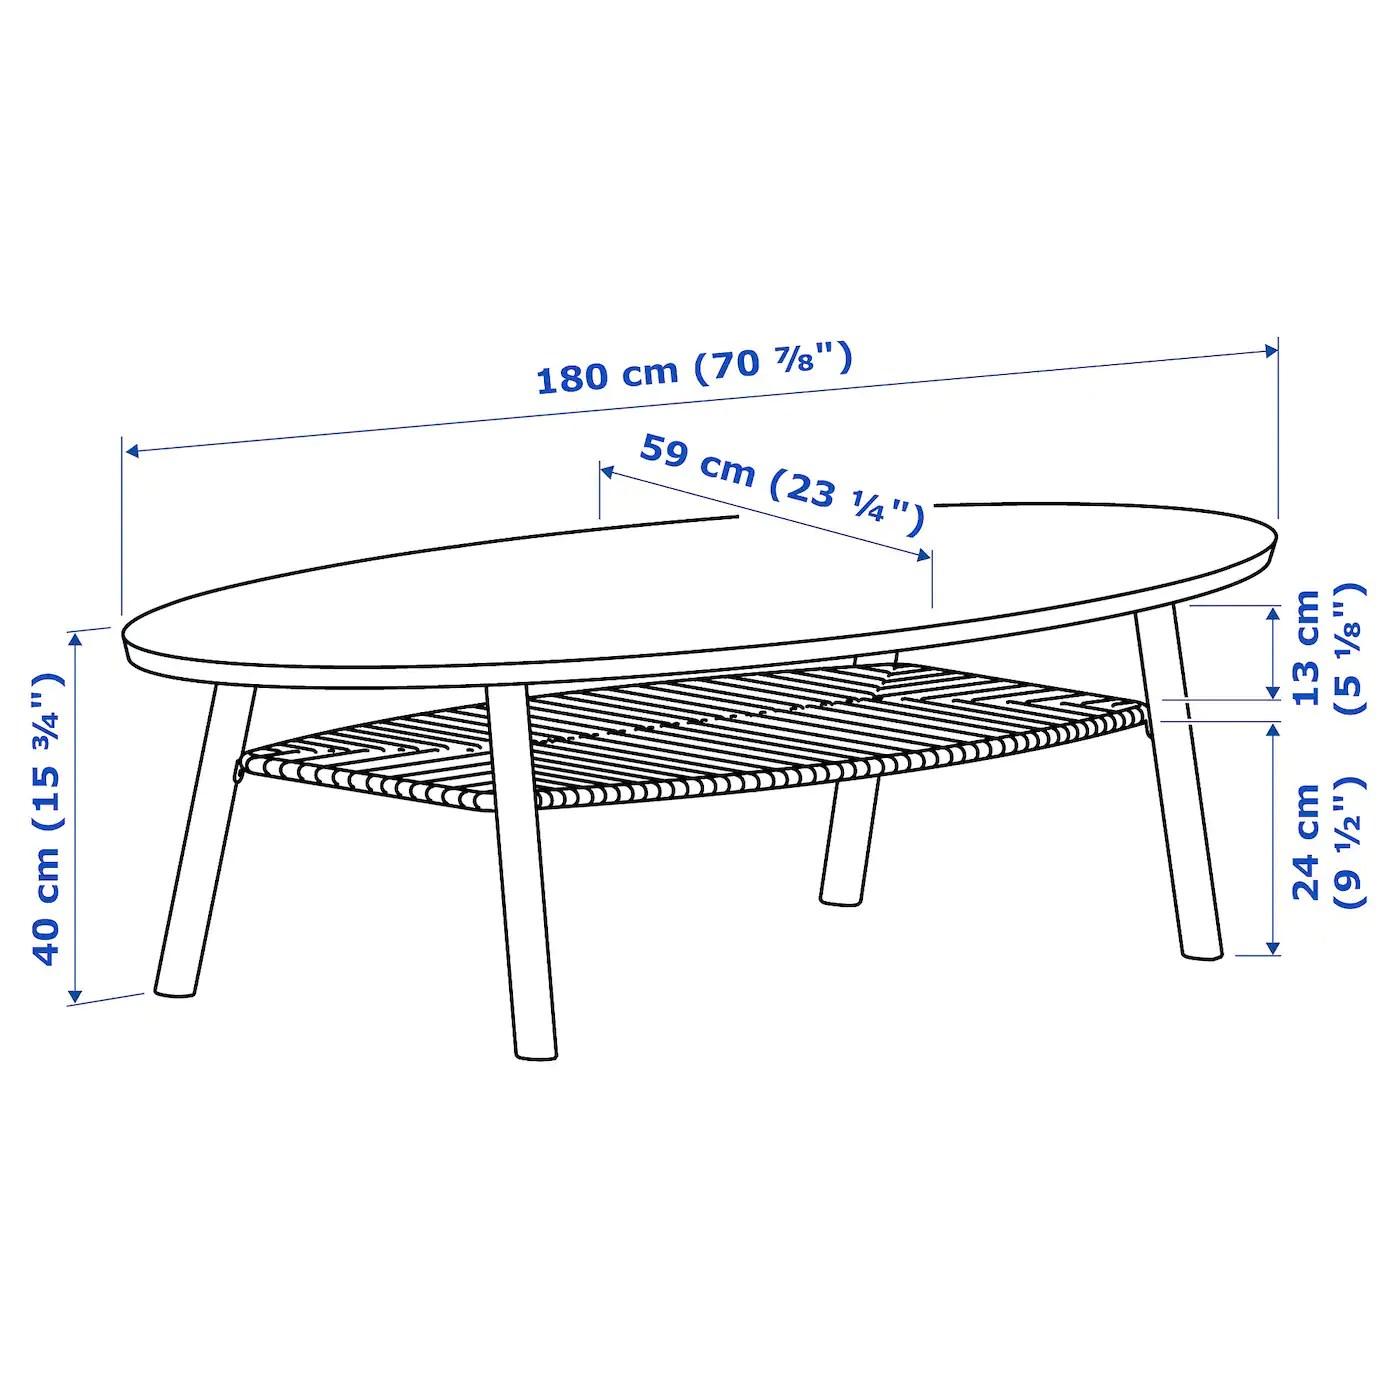 Stockholm Table Basse Plaque Noyer 180x59 Cm Ikea